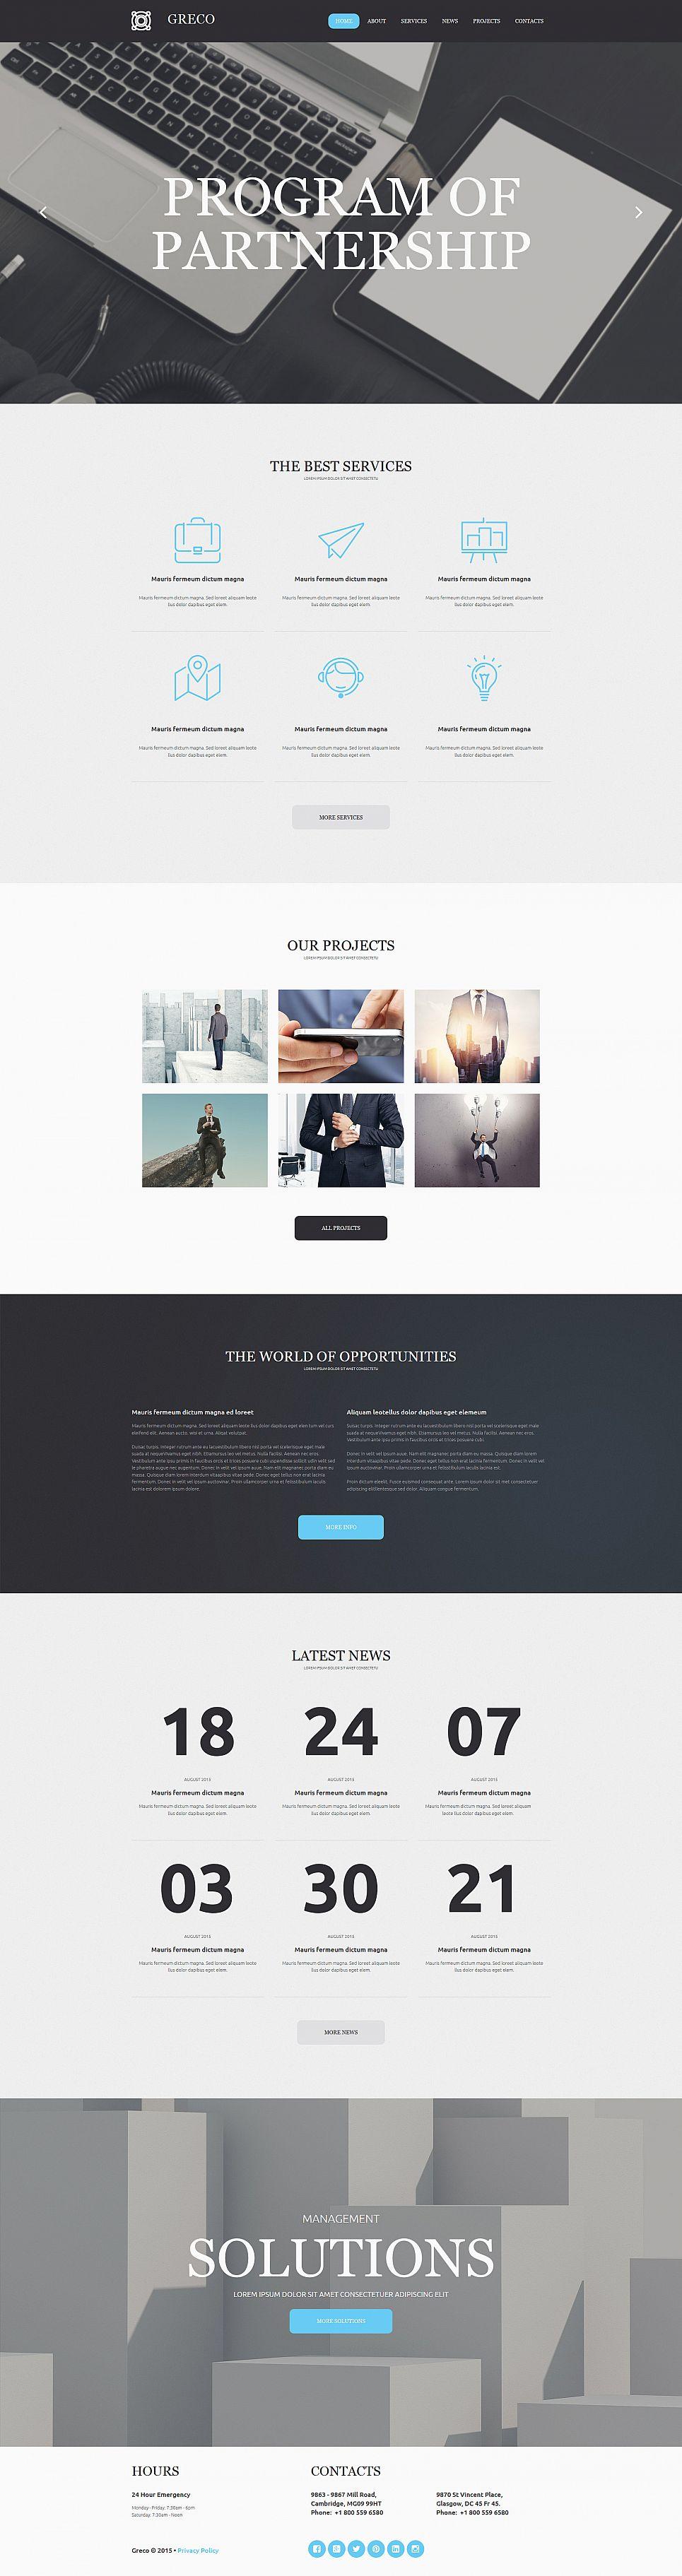 Flat Business Website Design - image